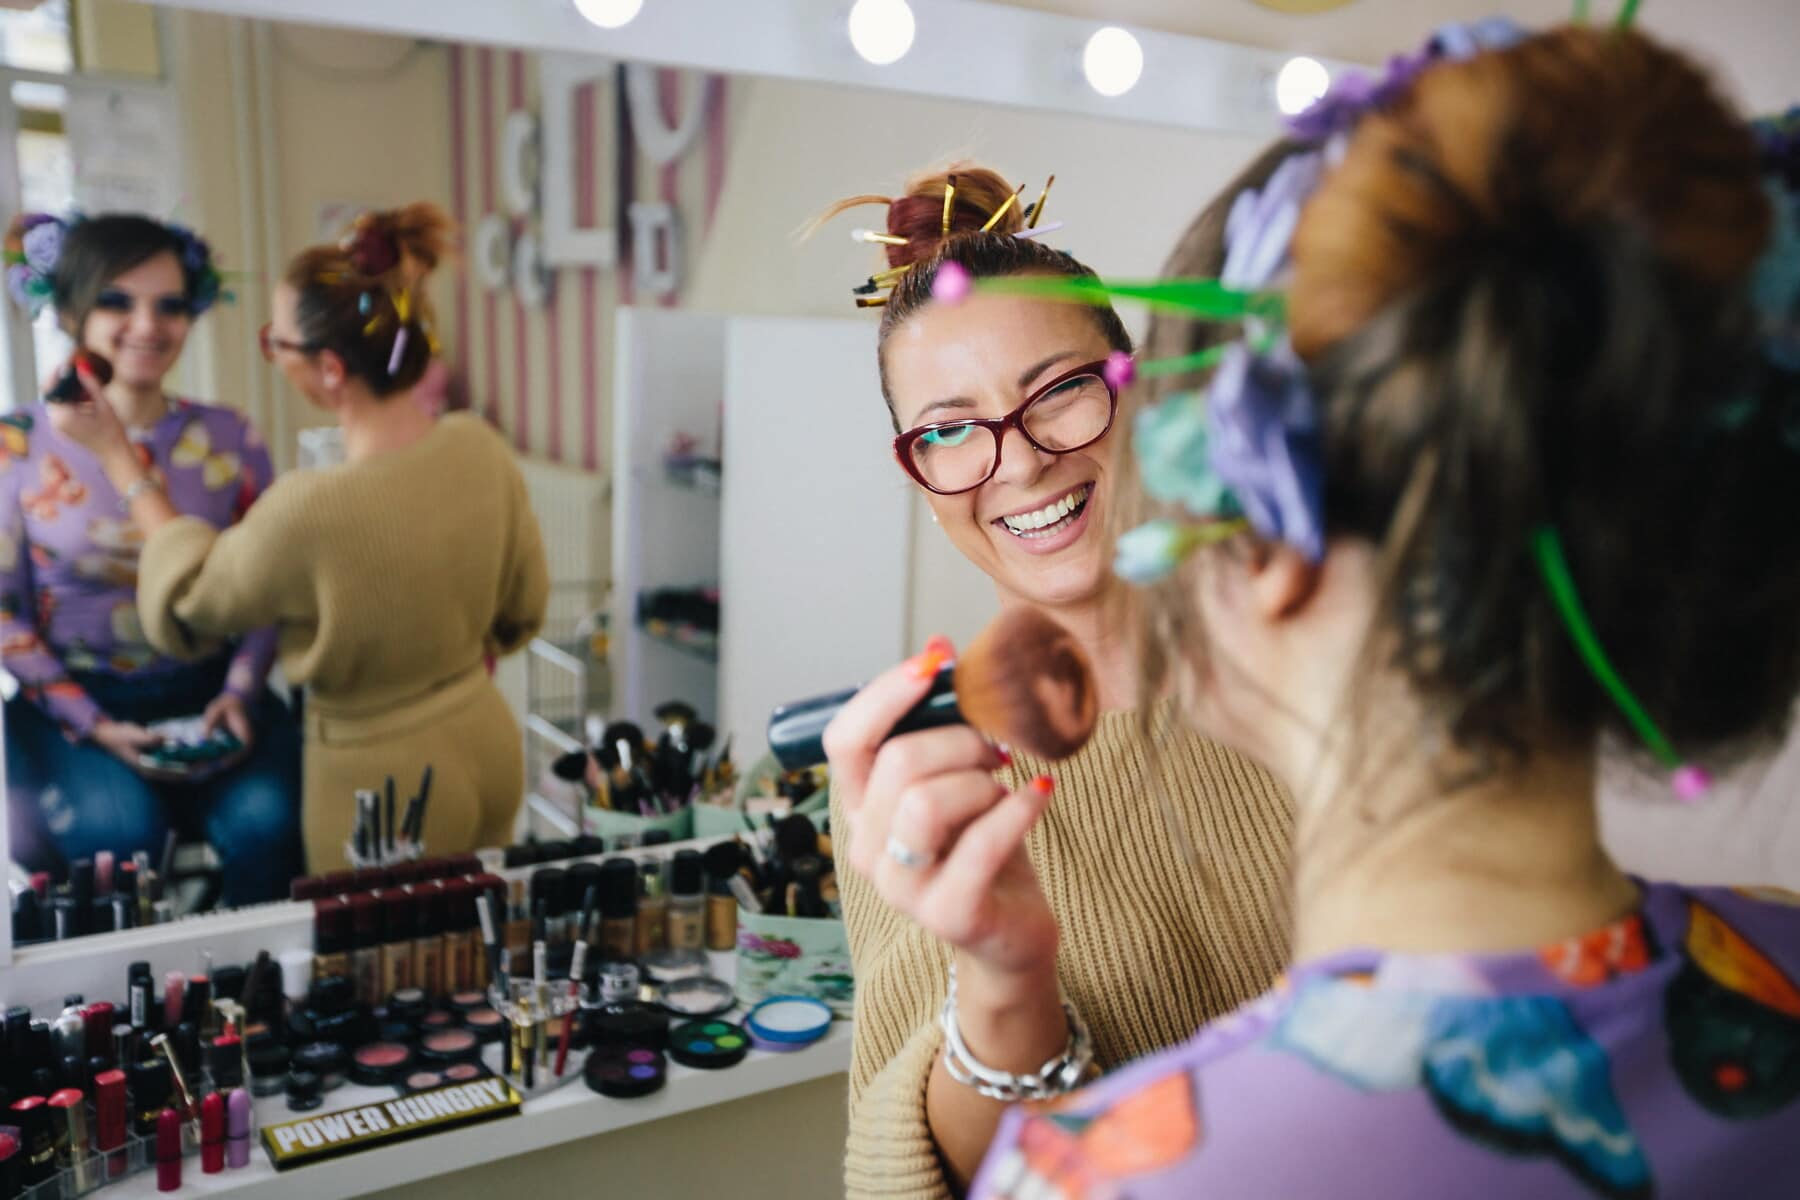 professionelle, Studio, Make-up, Friseur, Kunden, Lächeln auf den Lippen, Frauen, Krämer, Menschen, Frau